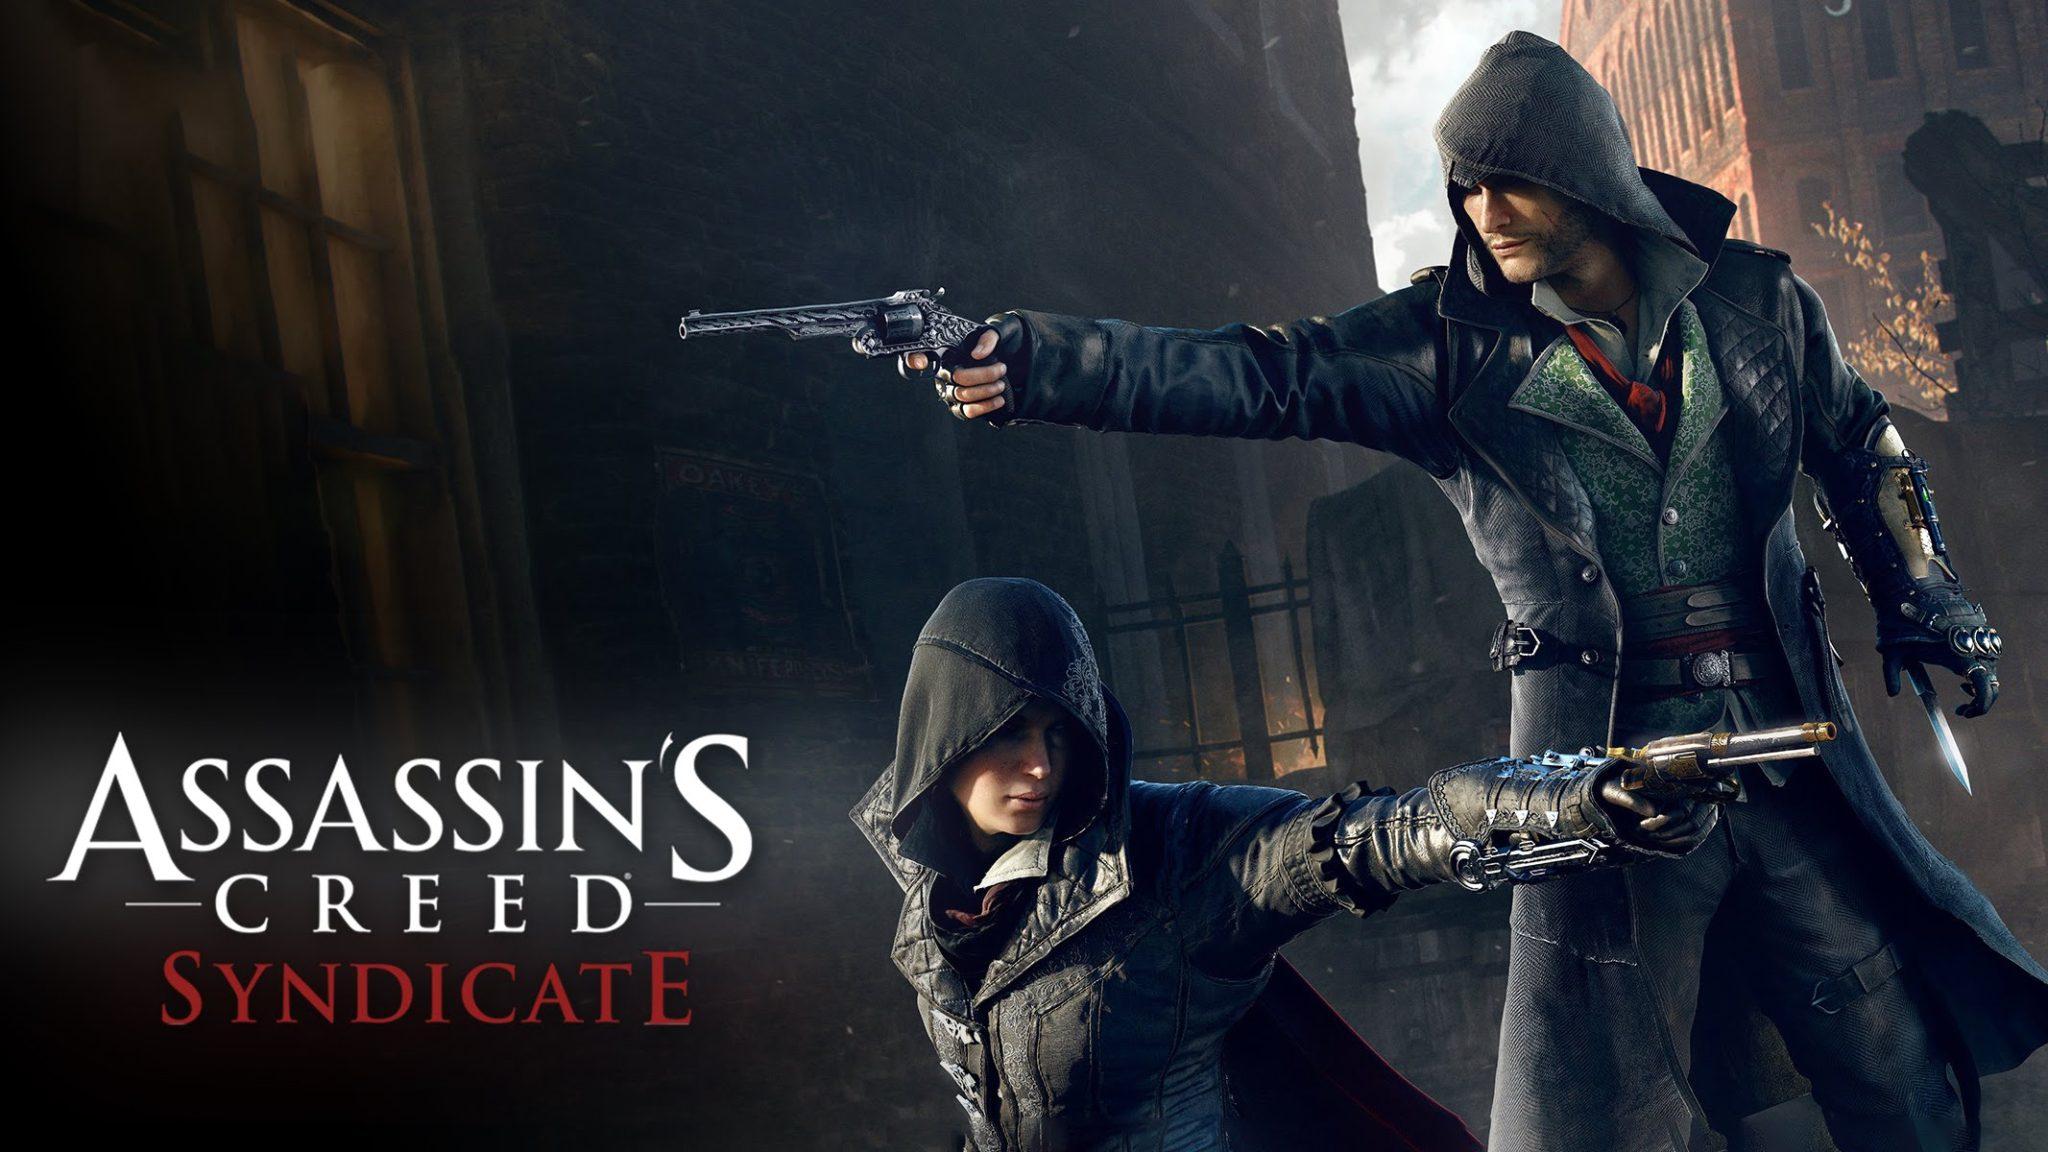 Hablando de...] Assassin's Creed Syndicate